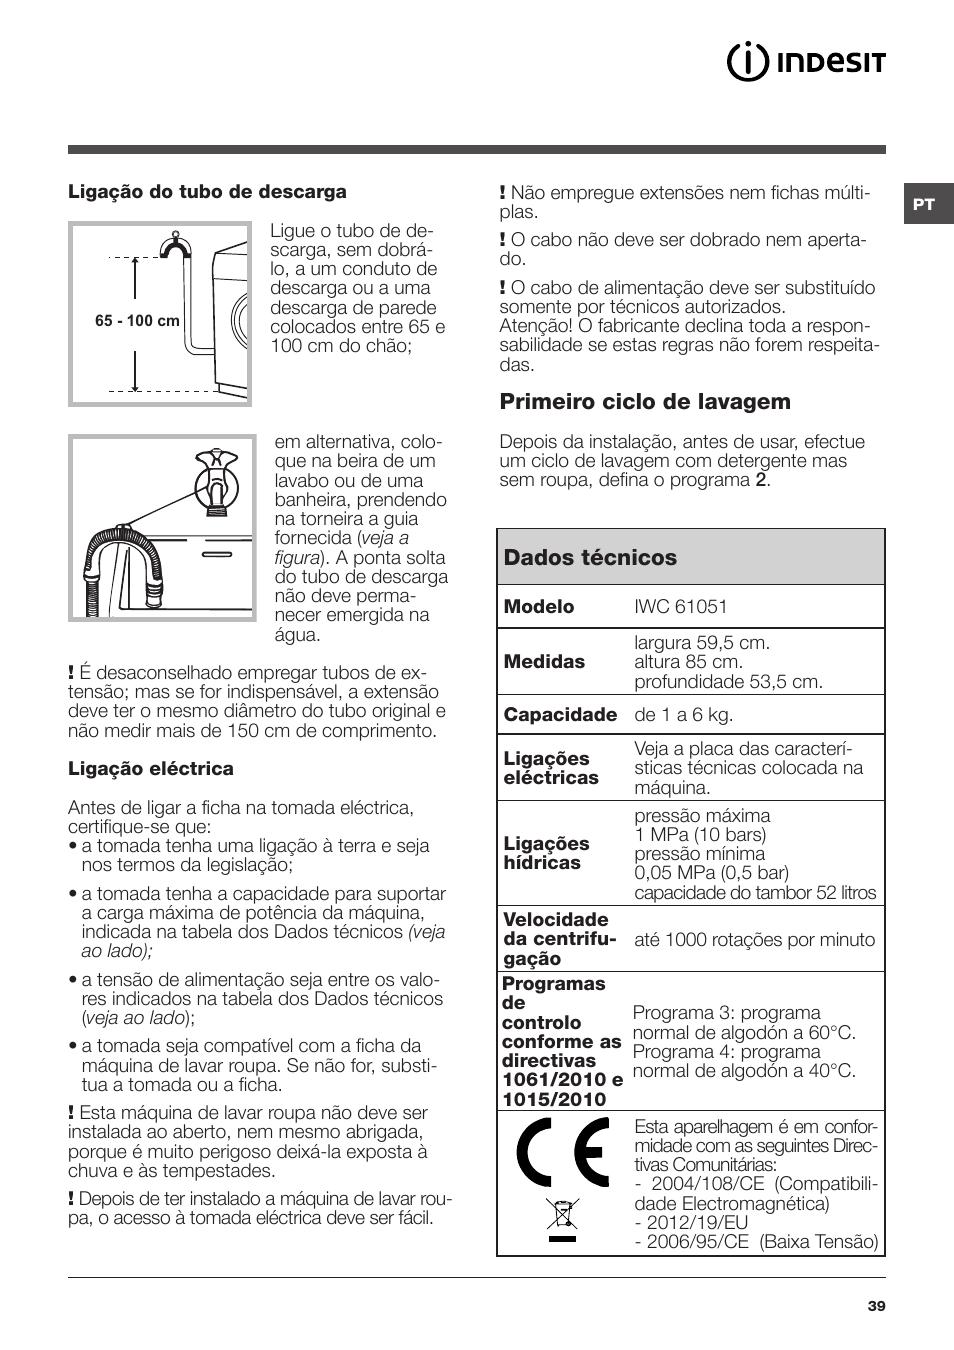 indesit iwc 61051 eu user manual page 39 72 original mode rh manualsdir com indesit iwc 61051 mode d'emploi indesit iwc 61051 eu manual